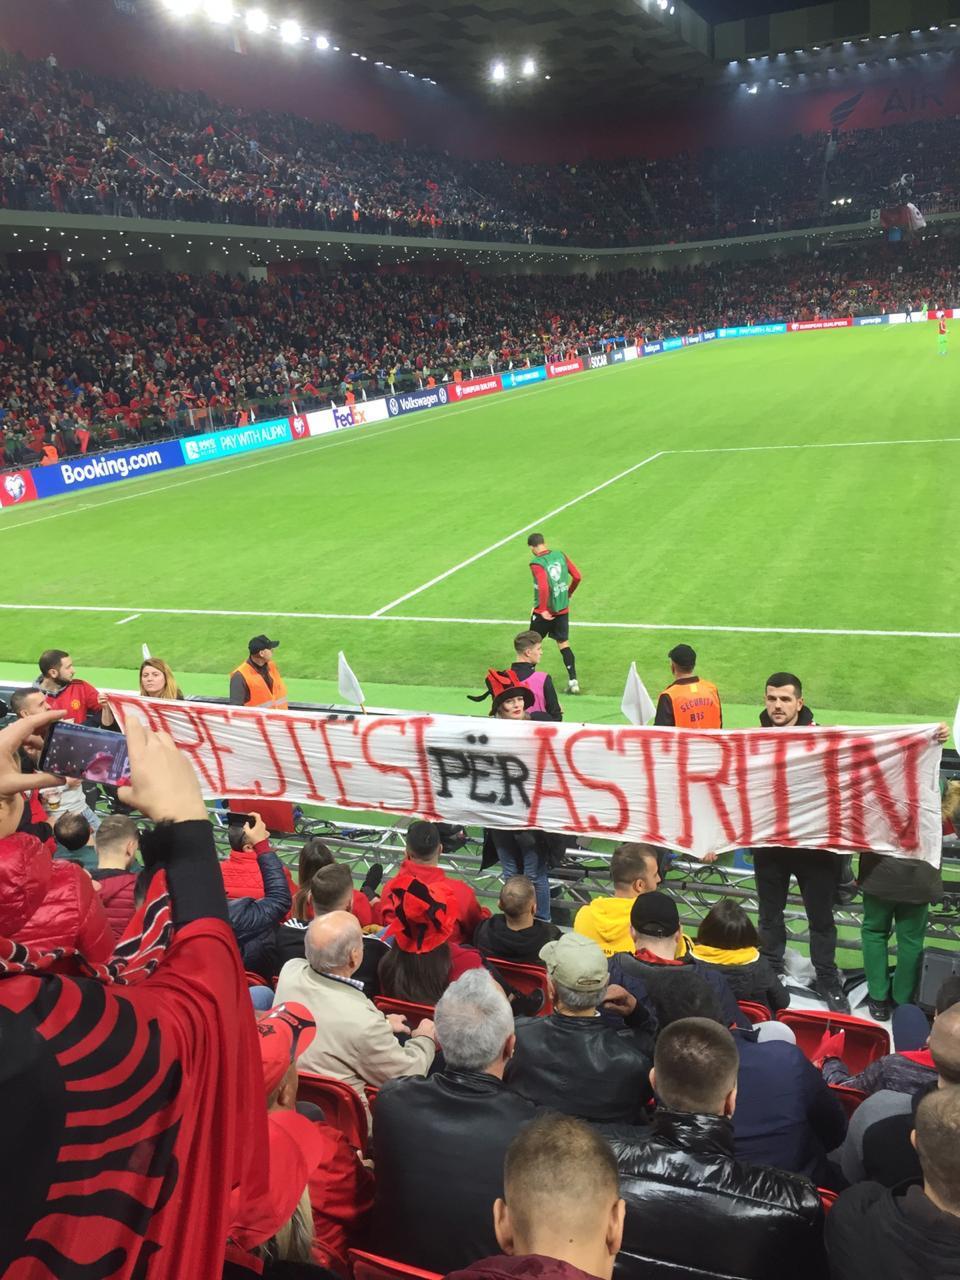 Shqiptarët inagurojnë stadiumin me thirrjet Rama ik dhe Drejtësi për Astirin